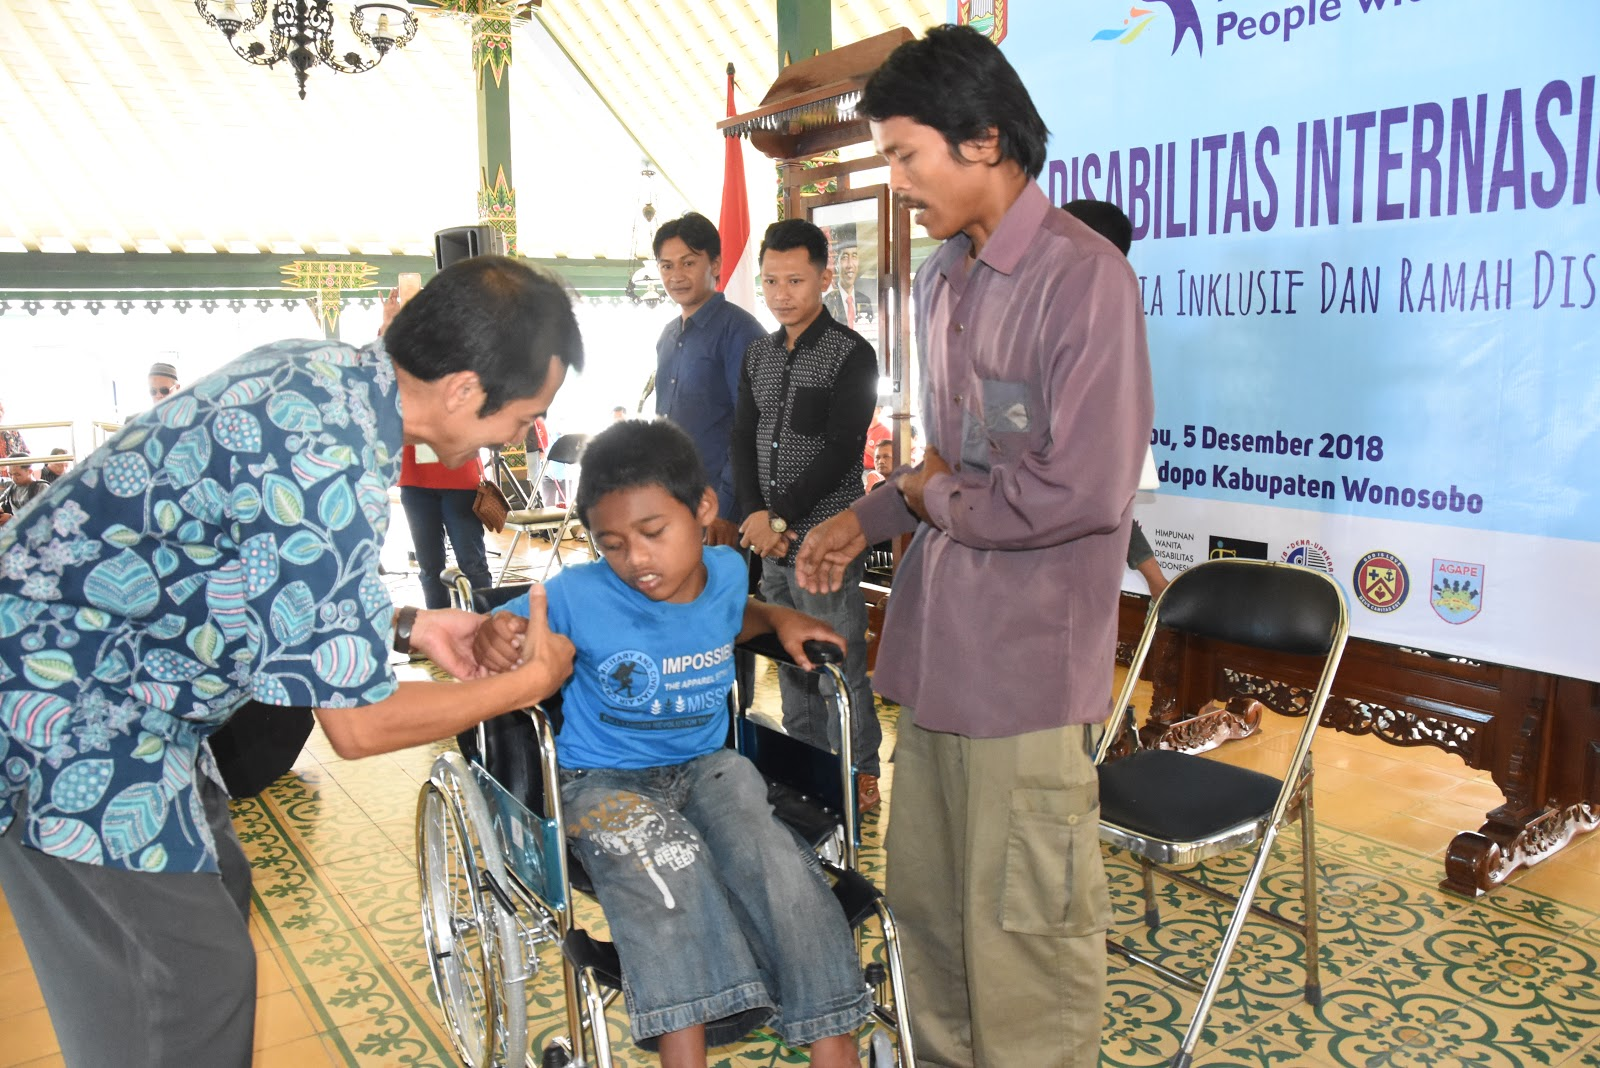 Hari Disabilitas Internasional Sebagai Momentum Eksploitasi Potensi Dan Bakat Penyandang Disabilitas